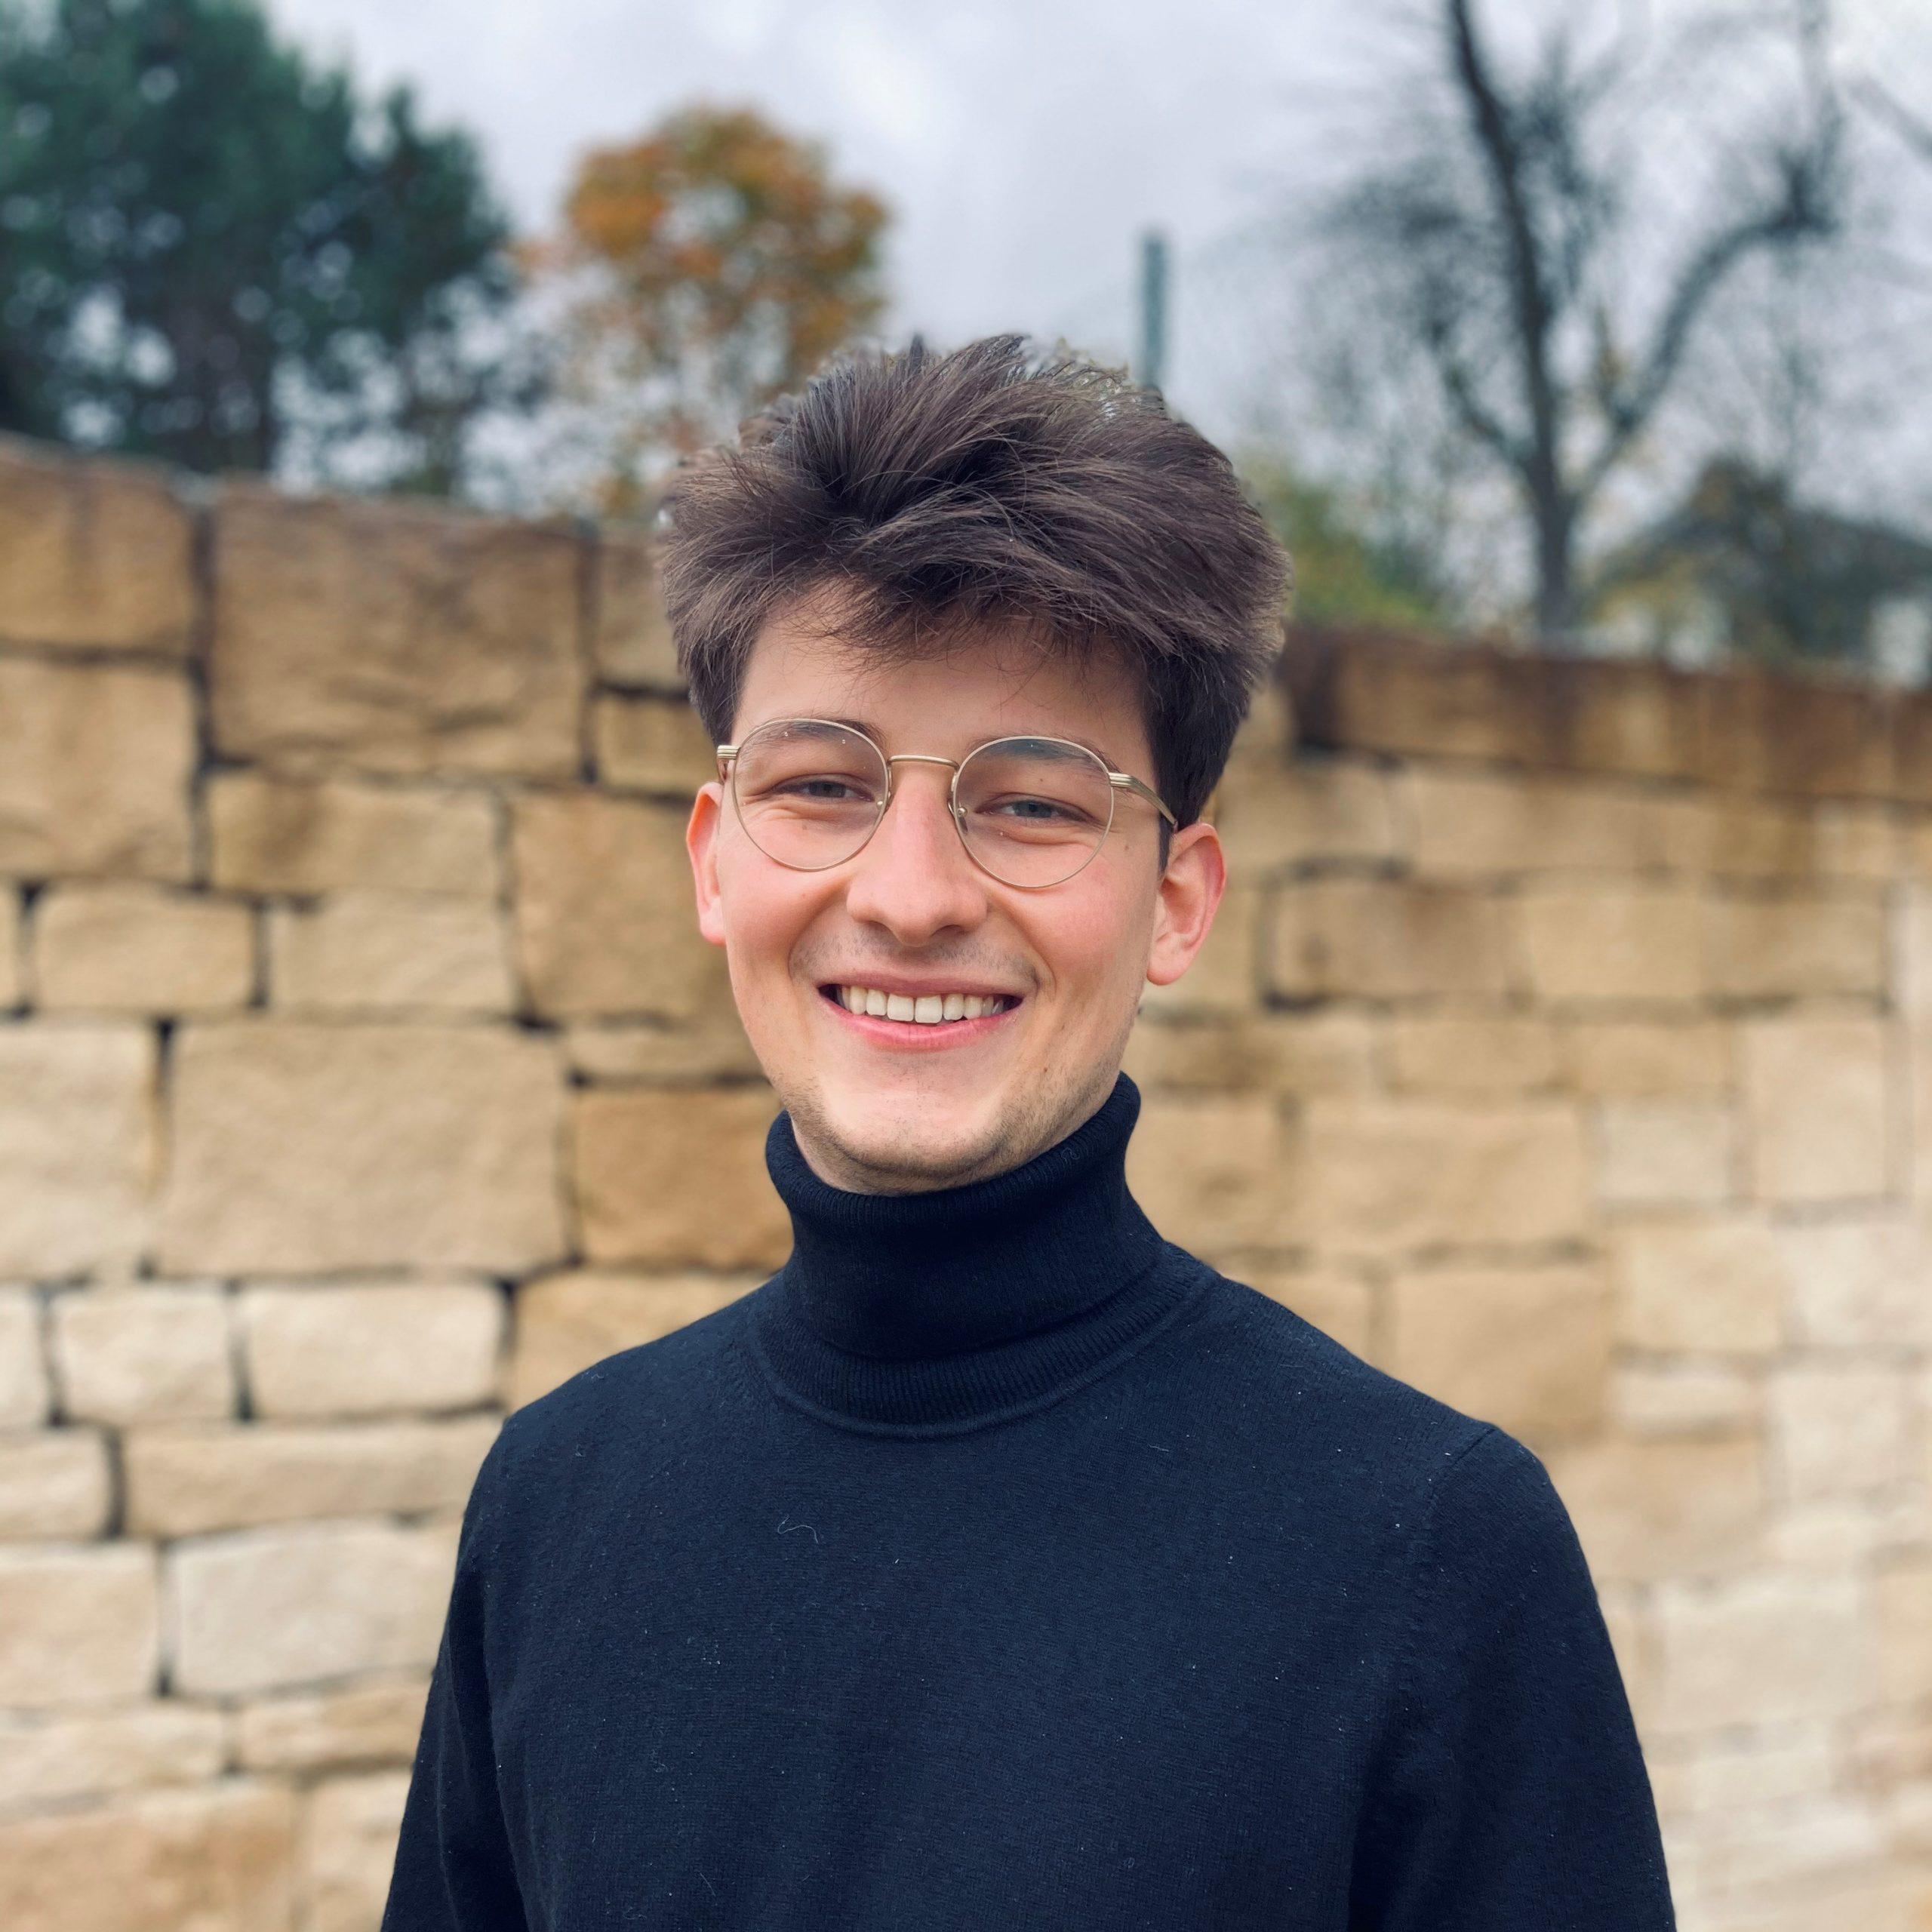 Félix Streicher